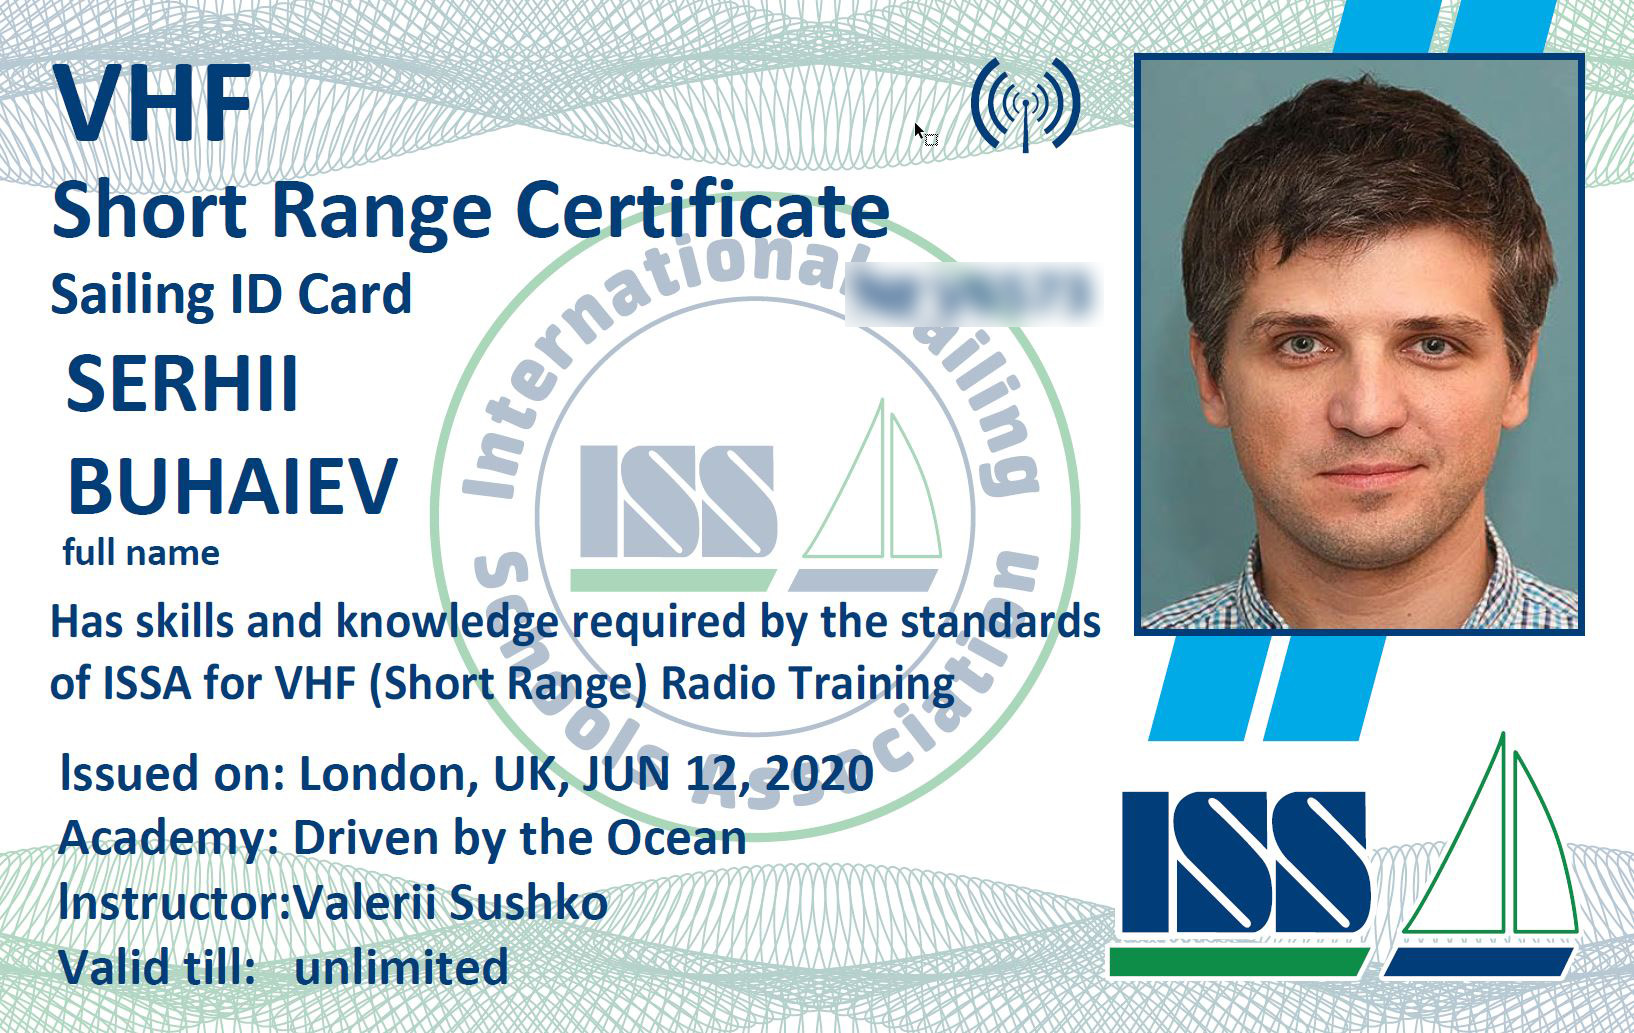 VHF Short Range Certificate Card